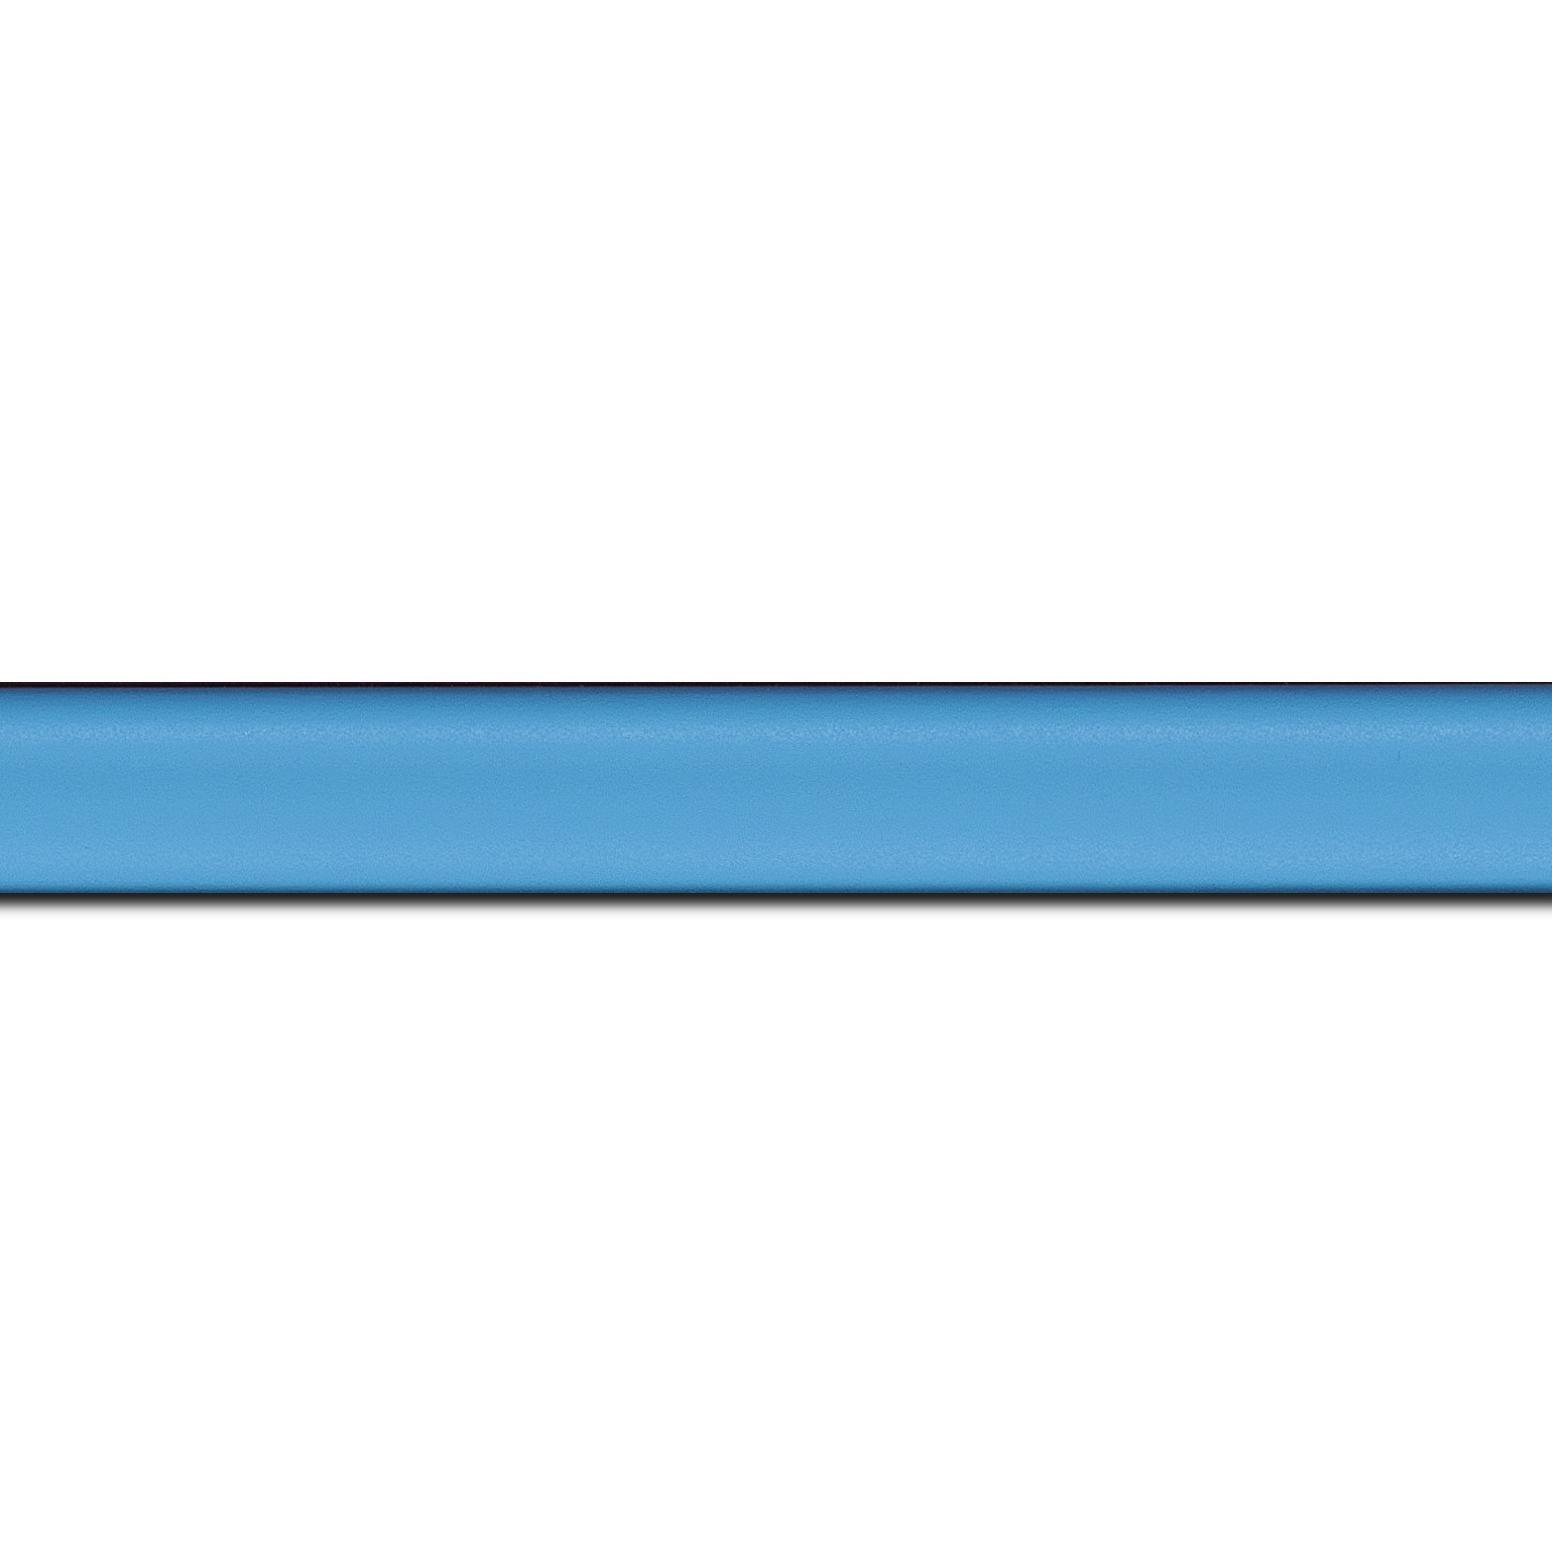 Pack par 12m, bois profil incurvé largeur 2.1cm couleur bleu tendre satiné (longueur baguette pouvant varier entre 2.40m et 3m selon arrivage des bois)